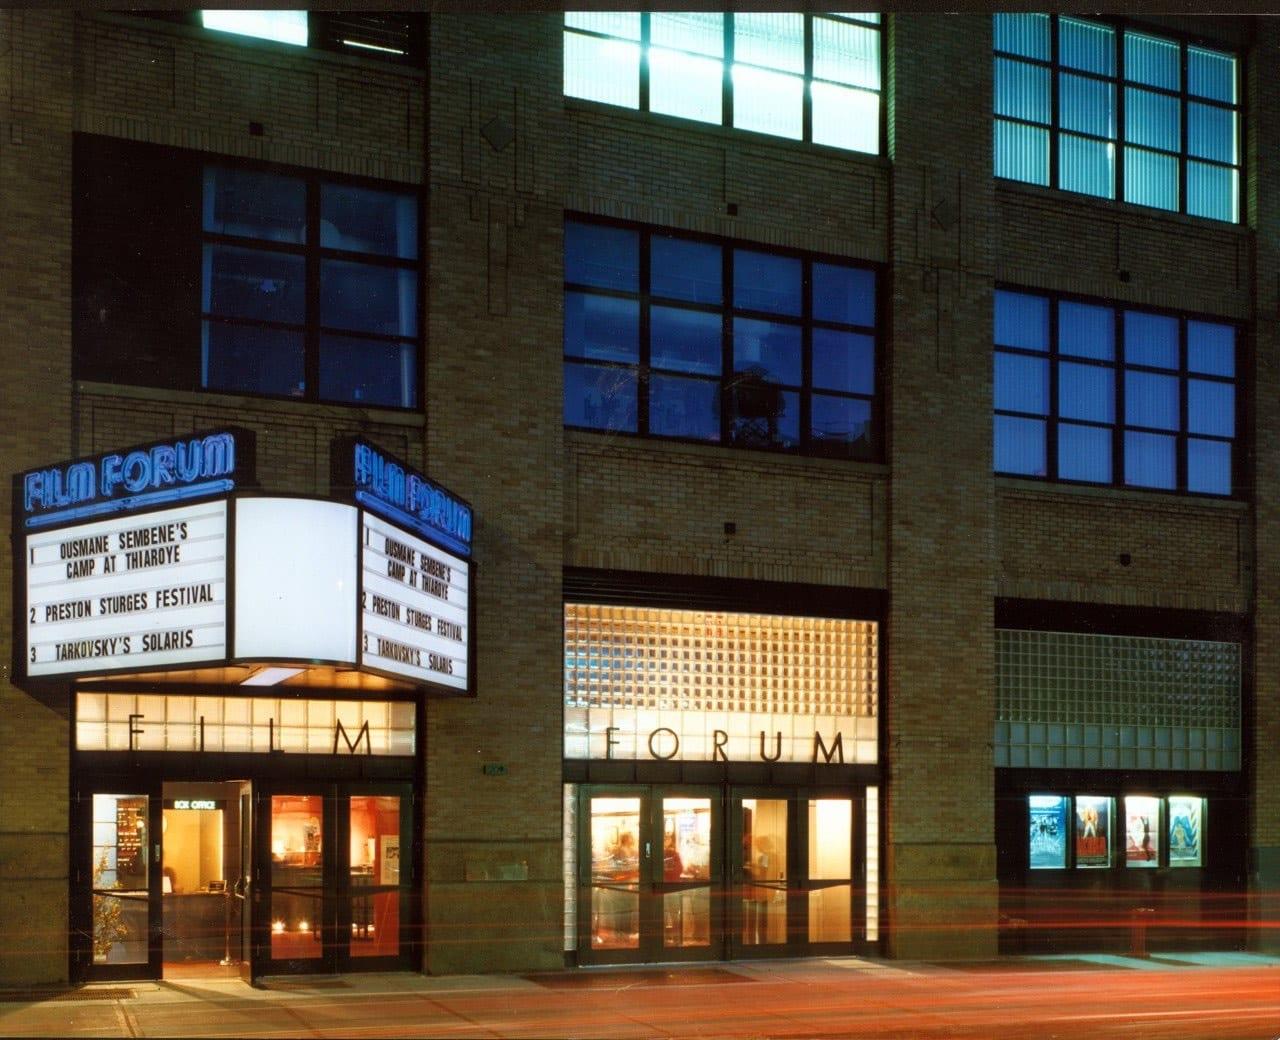 Film Forum в Нью-Йорке получил миллион долларов в подарок